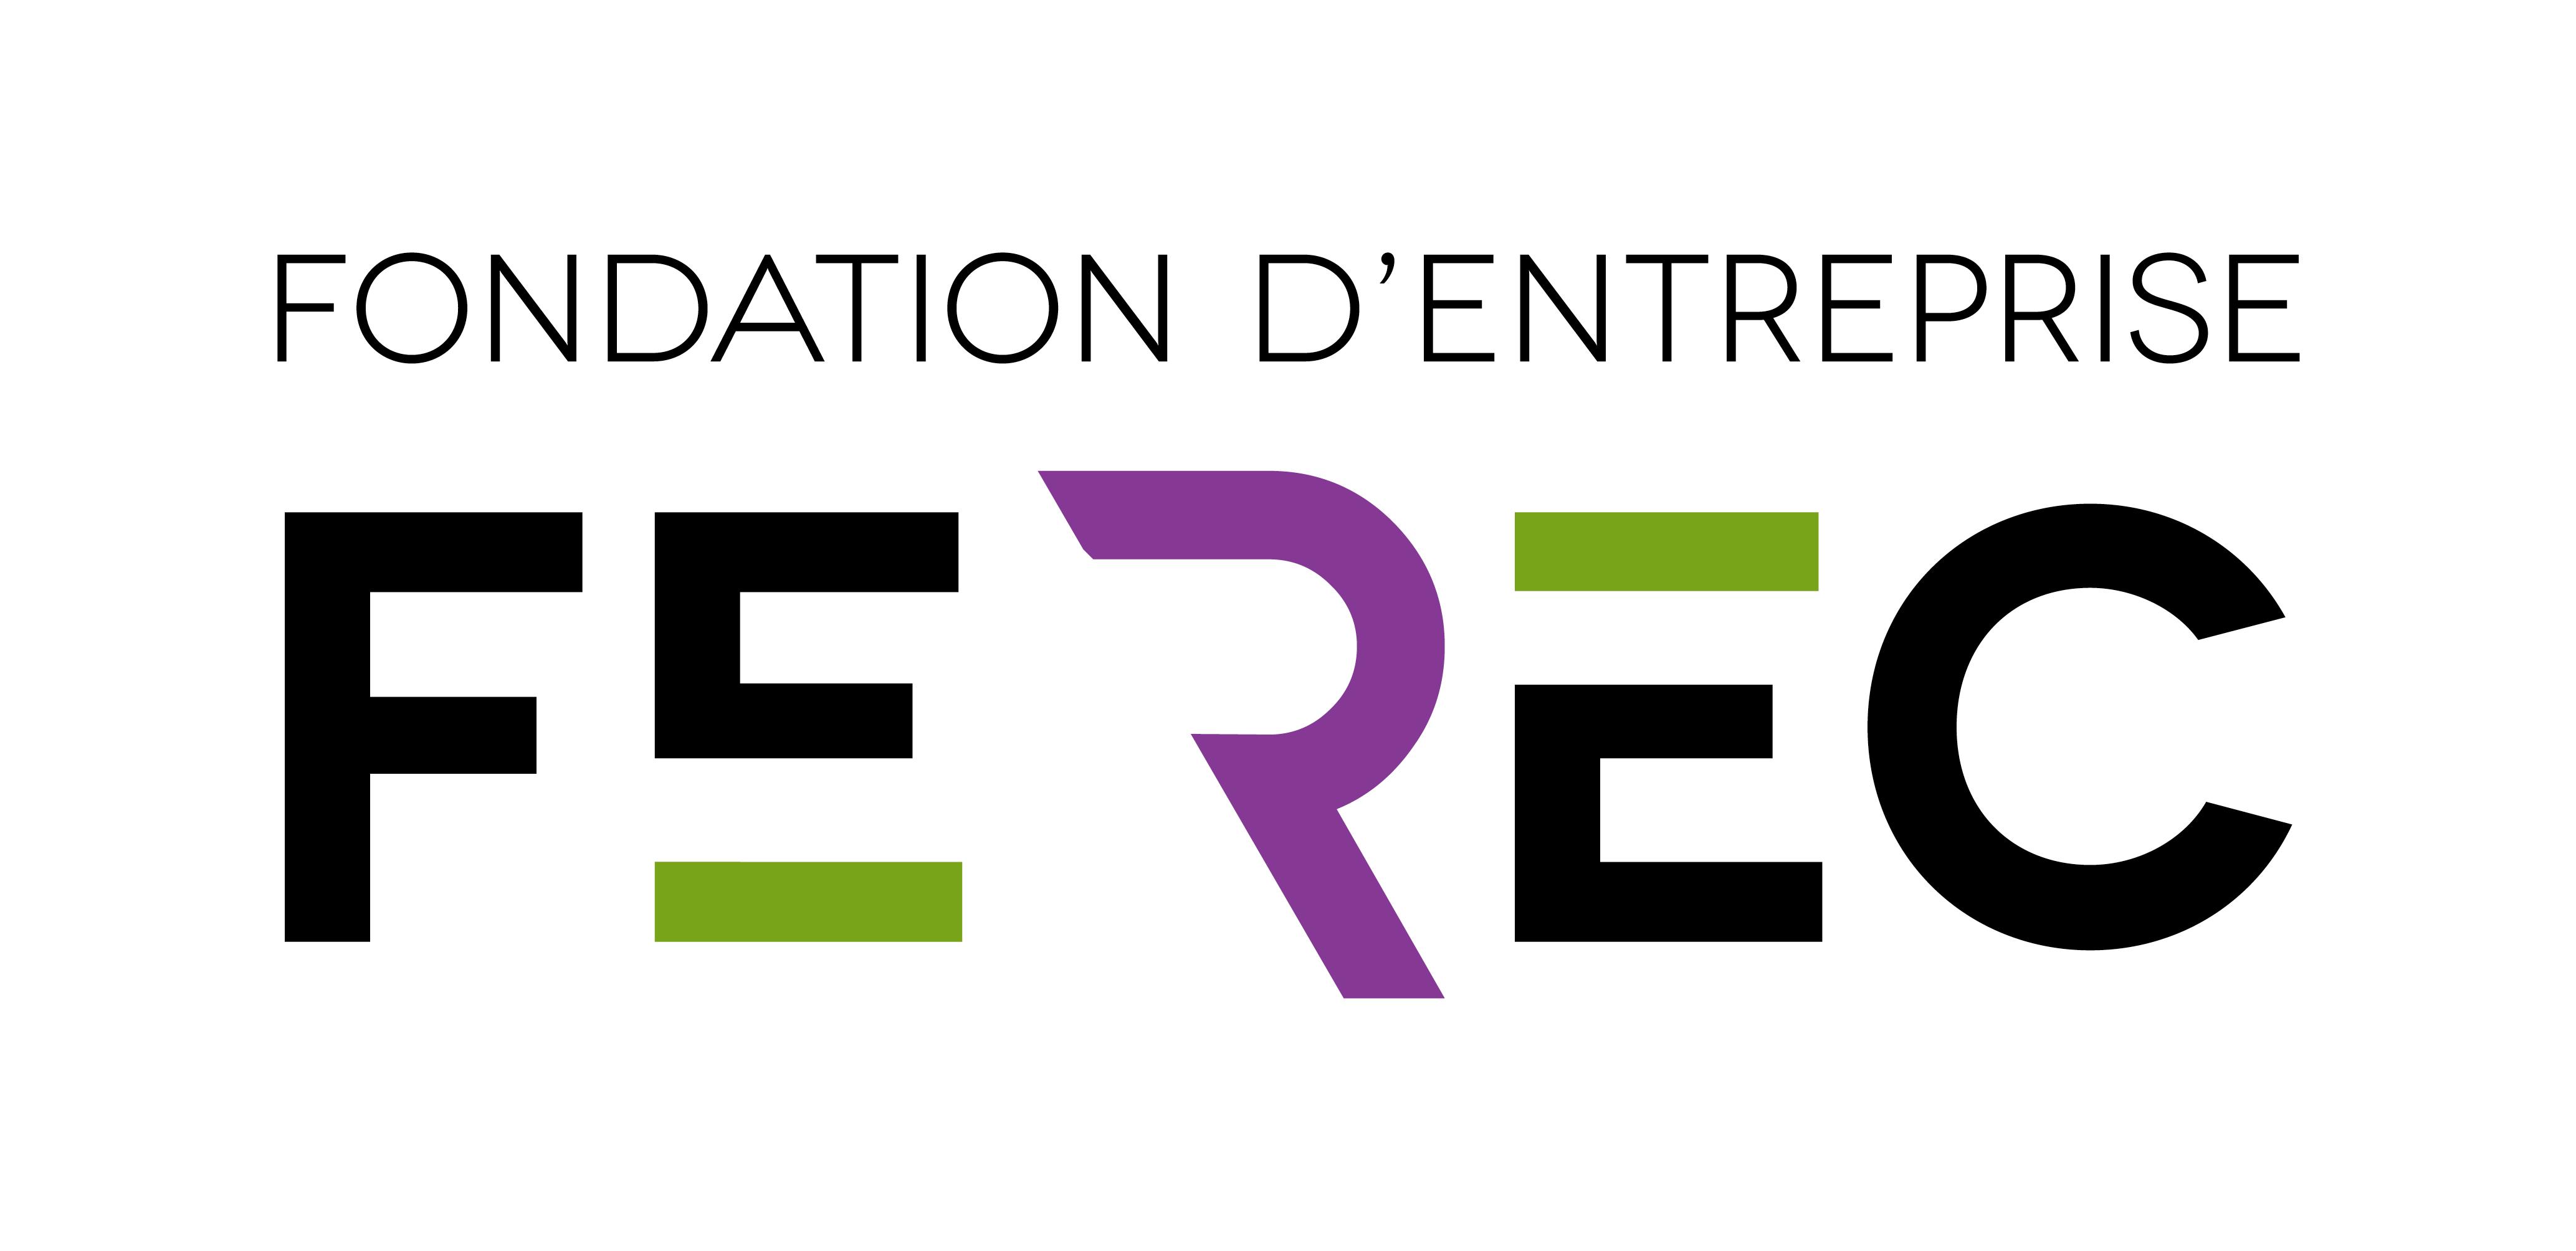 FONDATION FEREC - Ouverture de l'Appel à projets 2021 : Décarbonation et Économie Circulaire